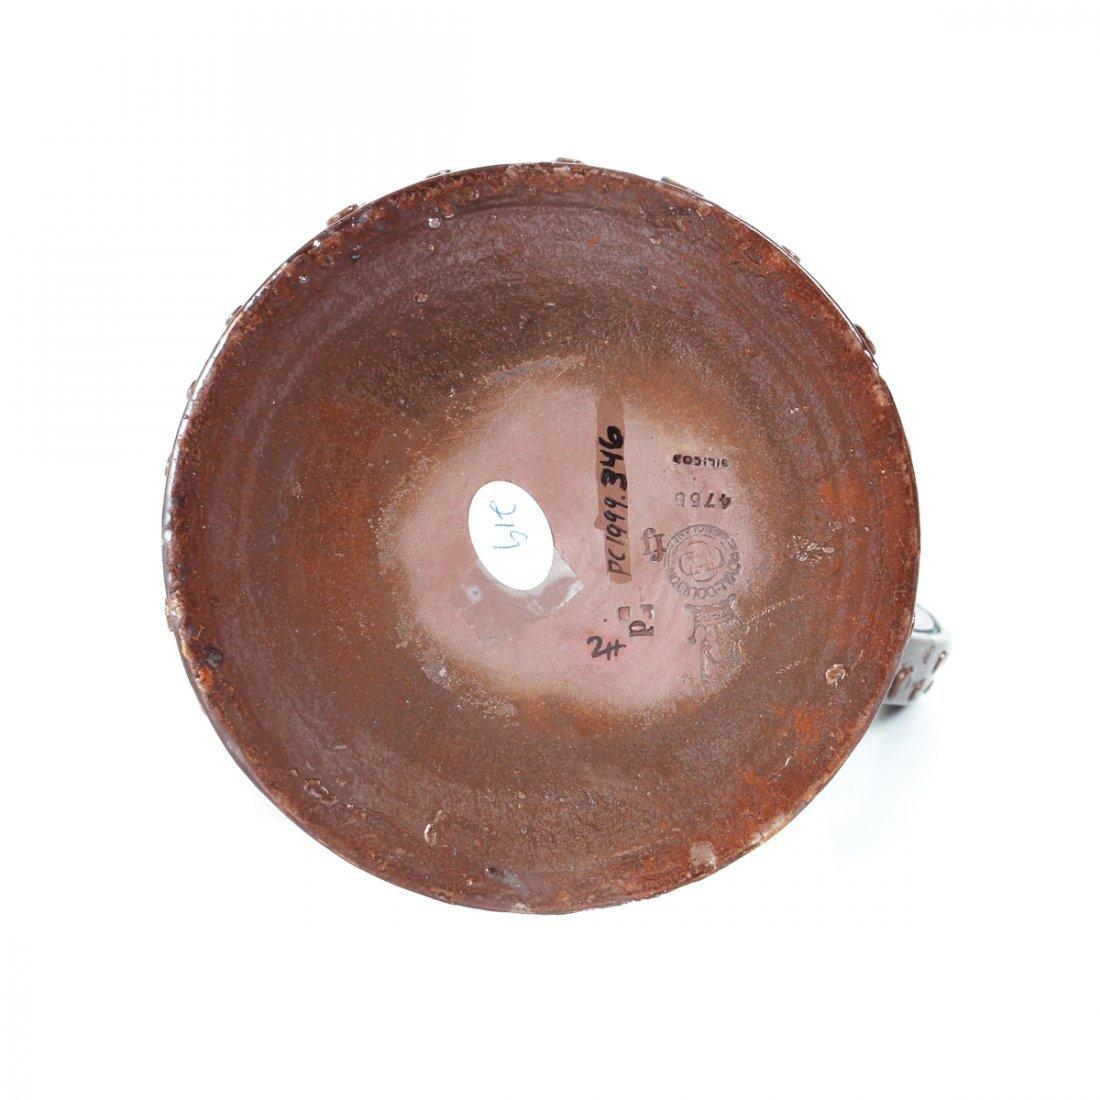 Doulton Lambeth Simulated Copper Ware Pitcher - 5